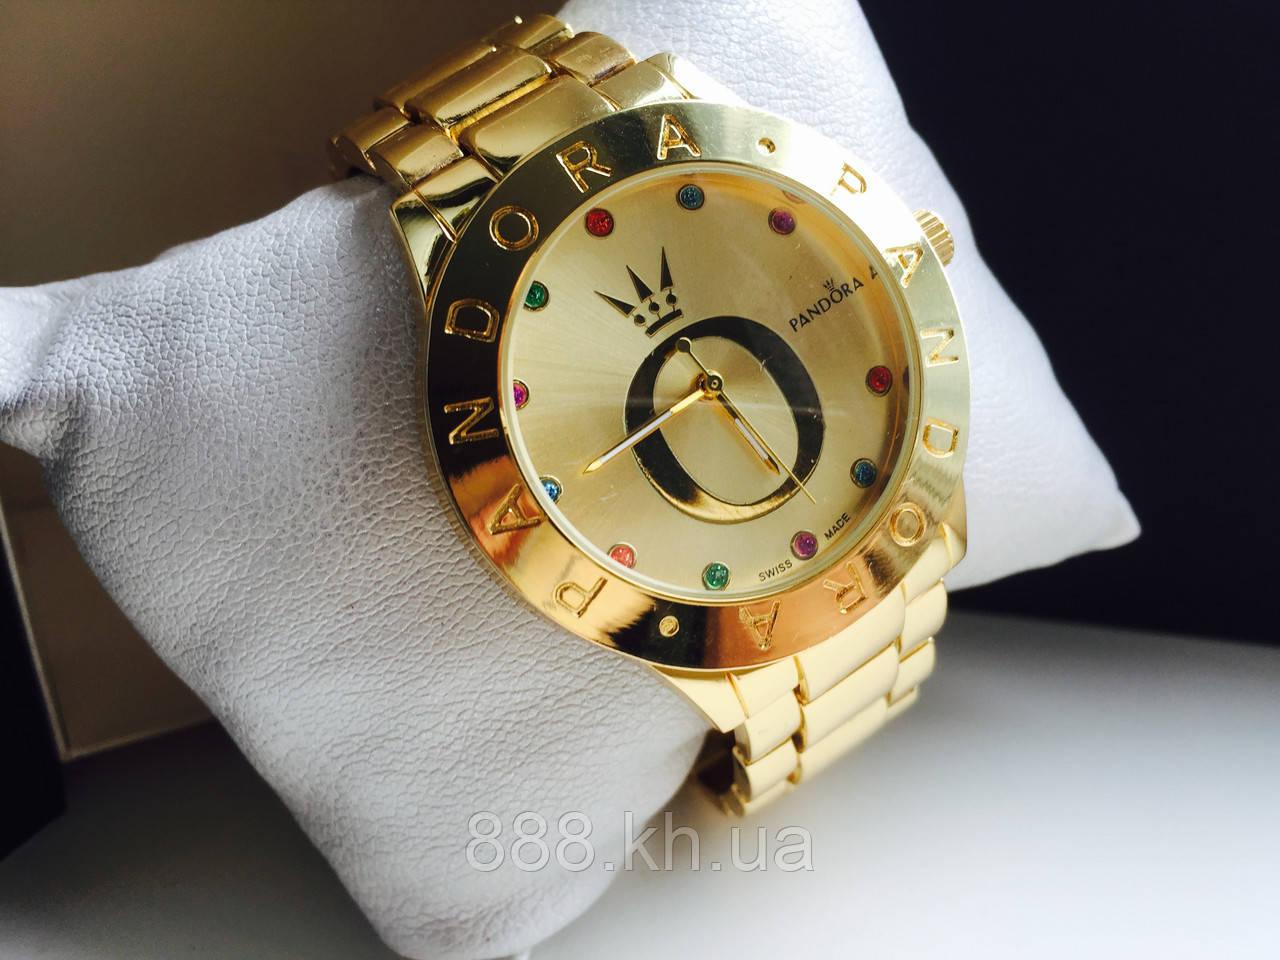 Наручные часы в подарок купить часы zenith captain